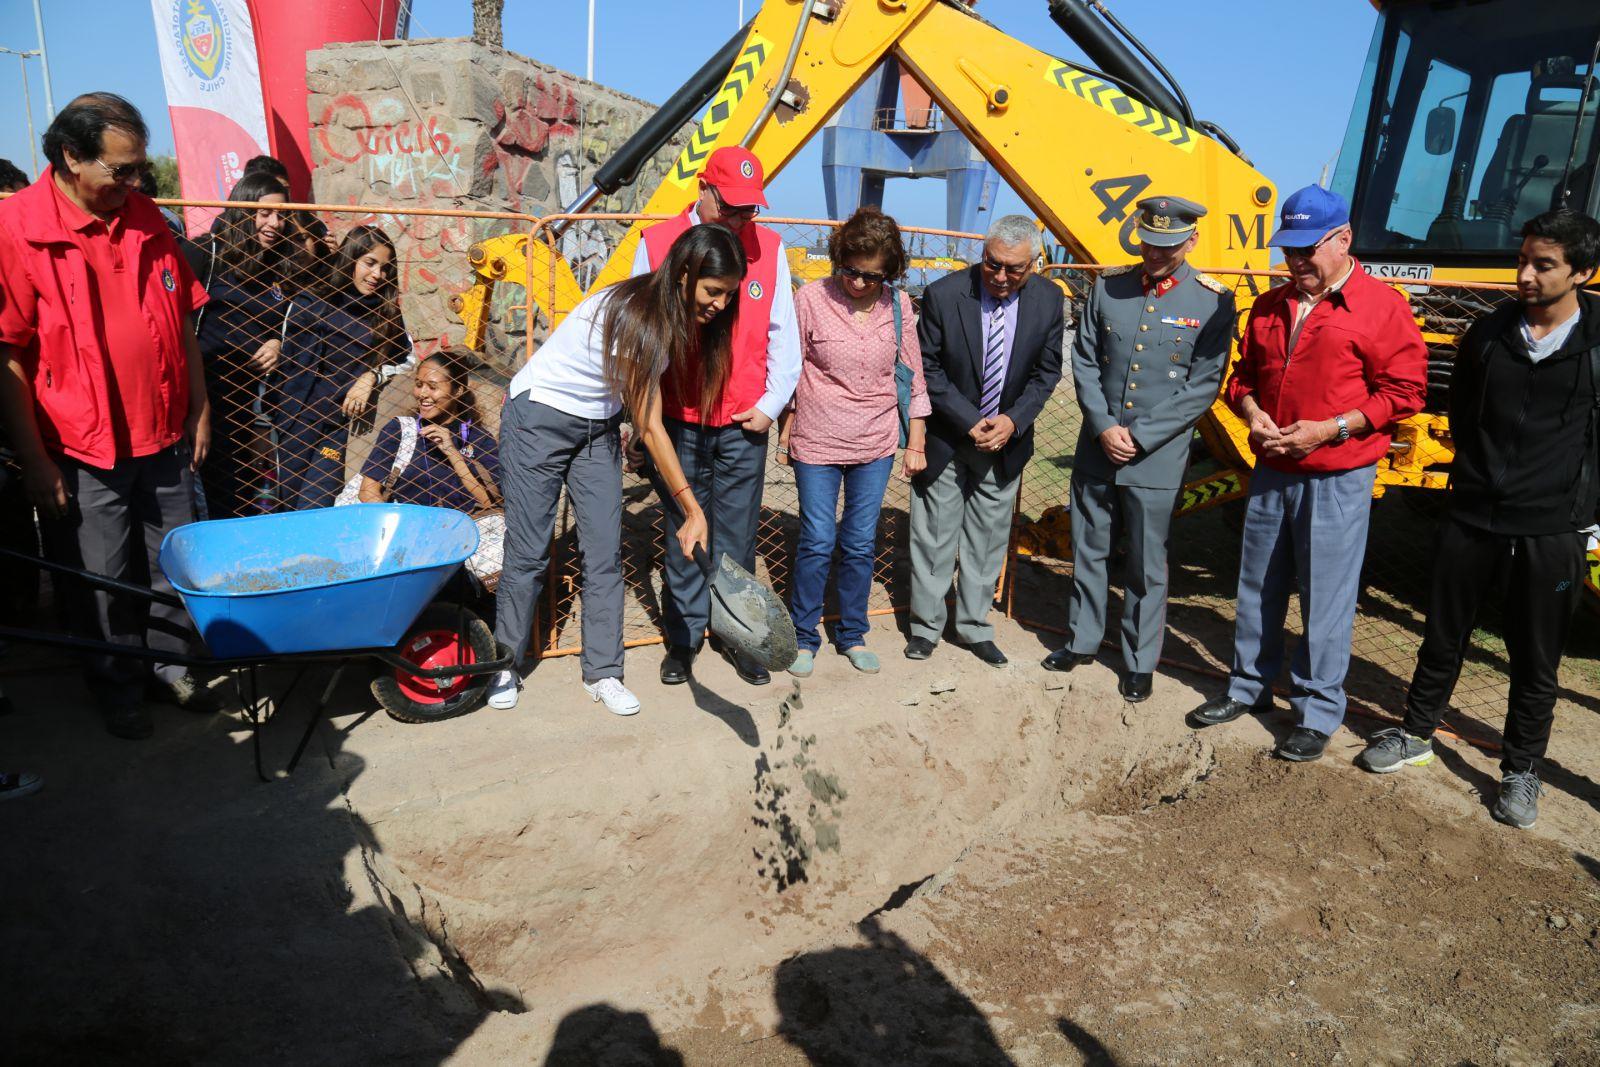 municipio-inicia-obras-de-mejoramiento-de-parque-croacia